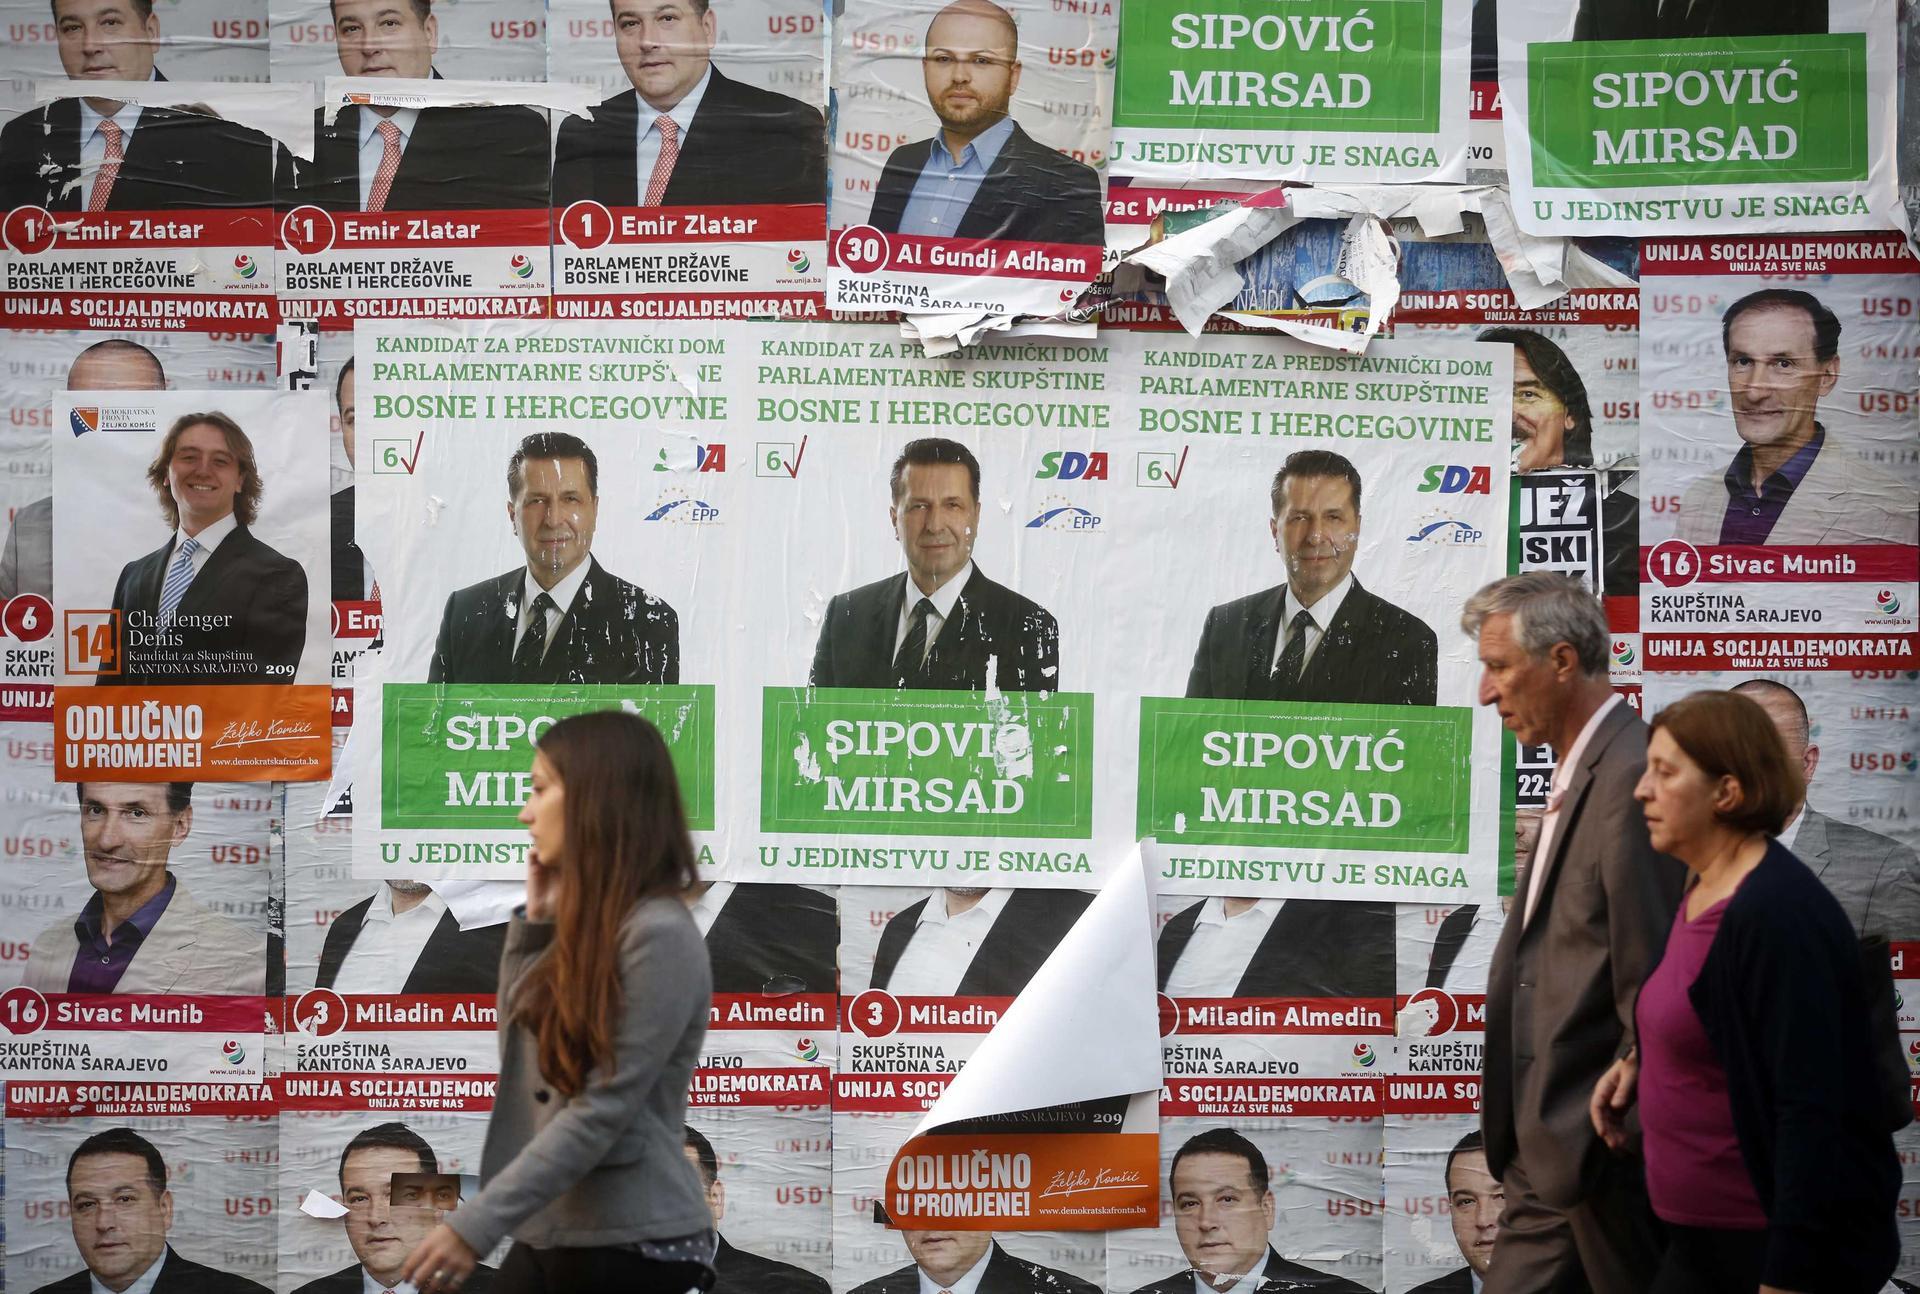 Bošnjačke stranke nastoje kroz entitetski zakon zadržati status quo